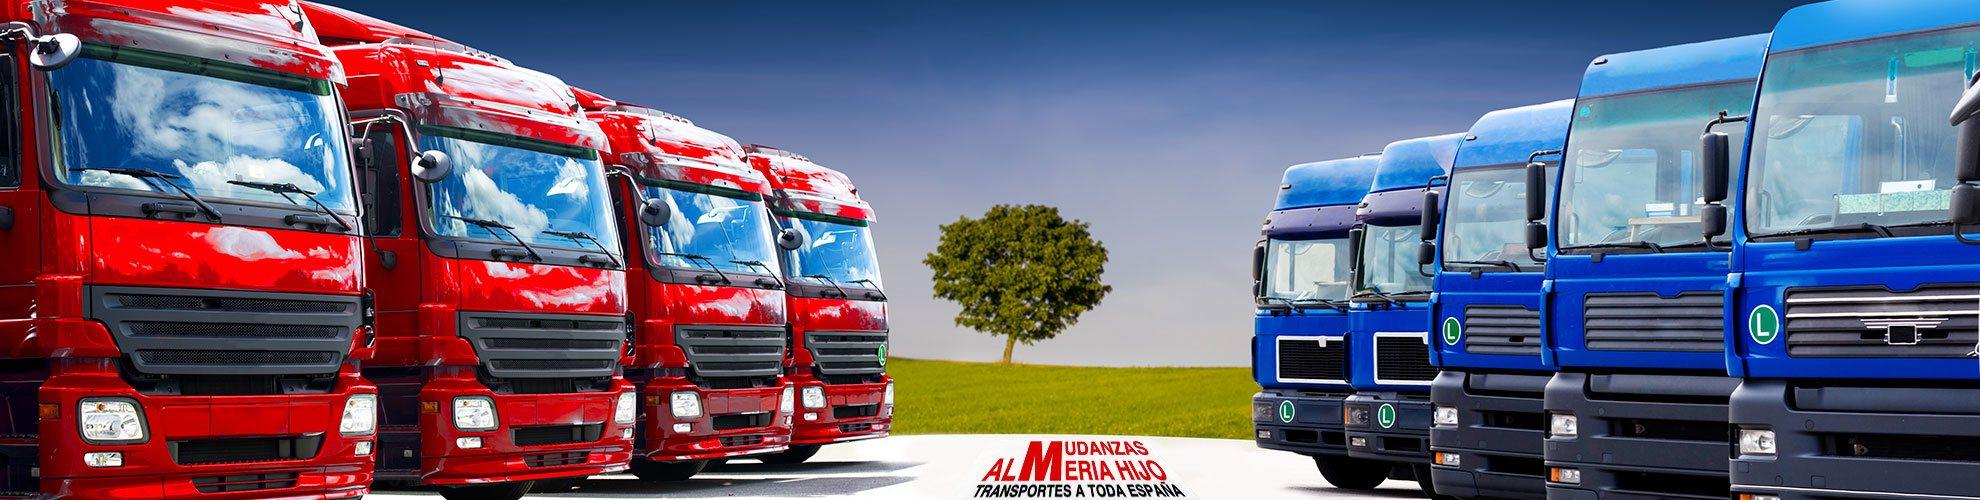 Mudanzas Almer A Servicio De Traslados De Muebles Y Embalaje # Muebles Y Mudanzas